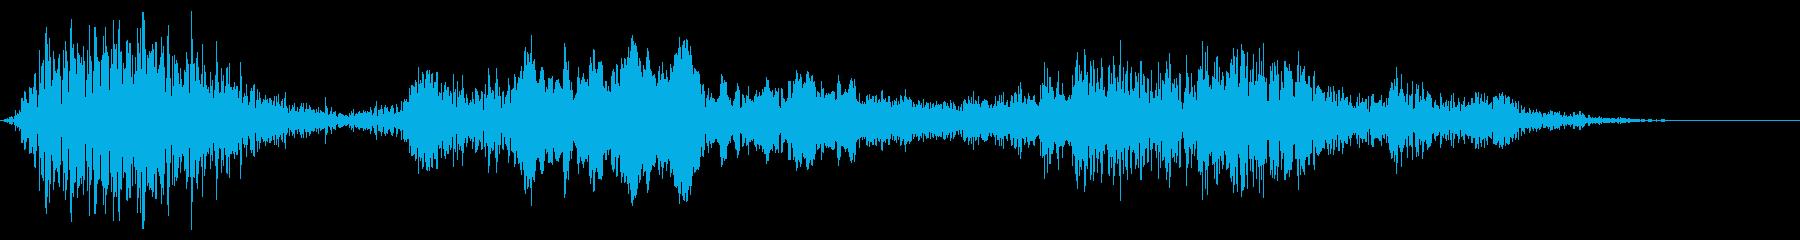 ロボットまたはコンピューター:ヘビ...の再生済みの波形